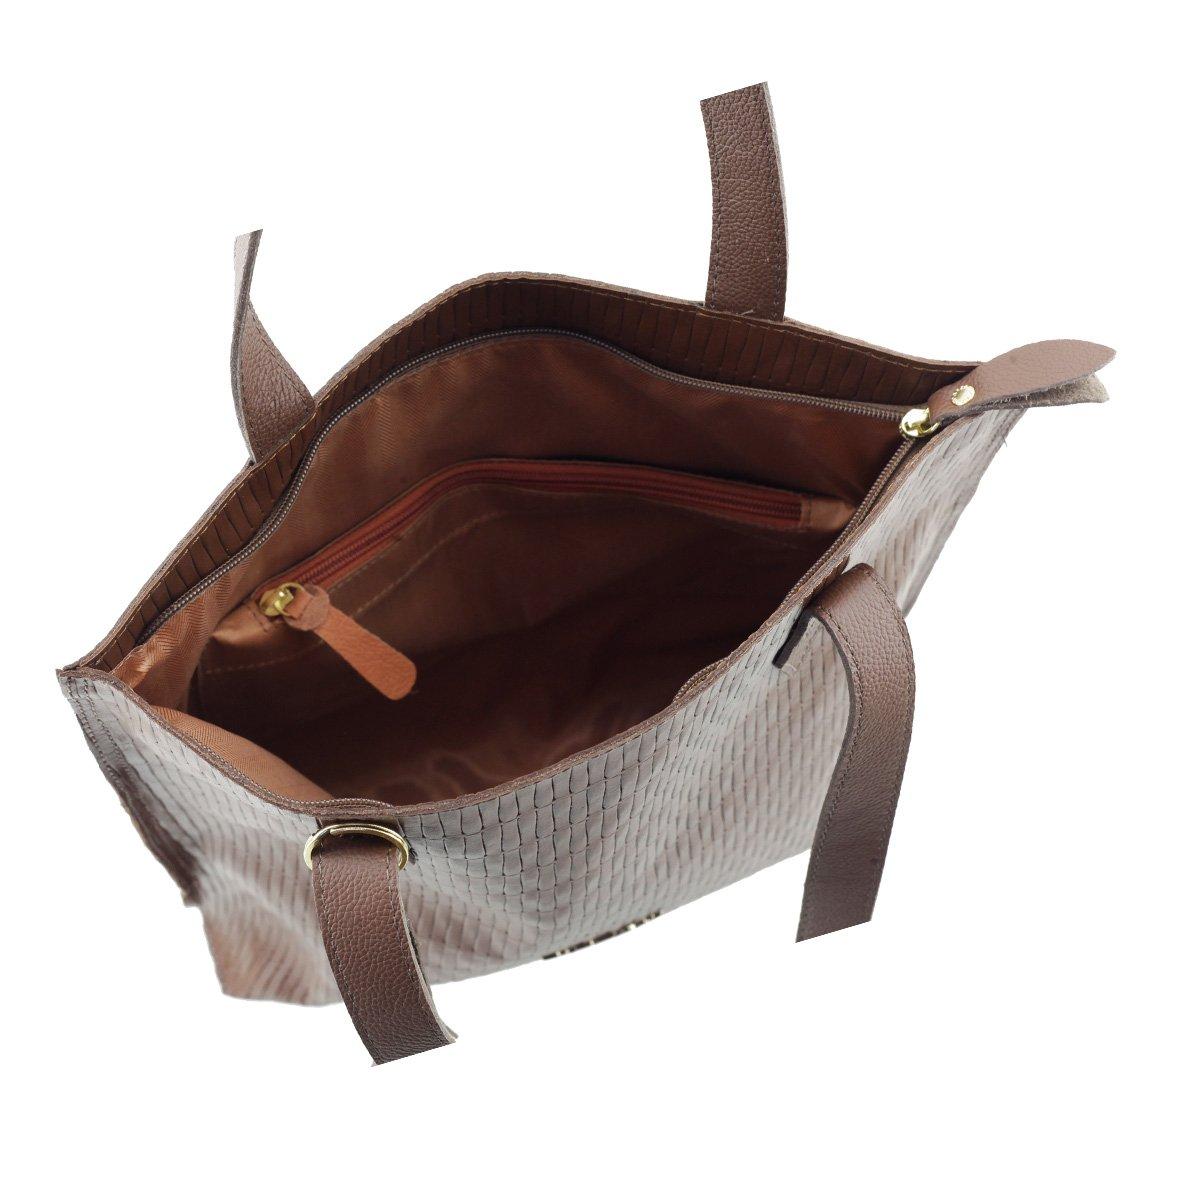 Bolsa Sacola em Couro Legitimo Leve Tressê Chocolate